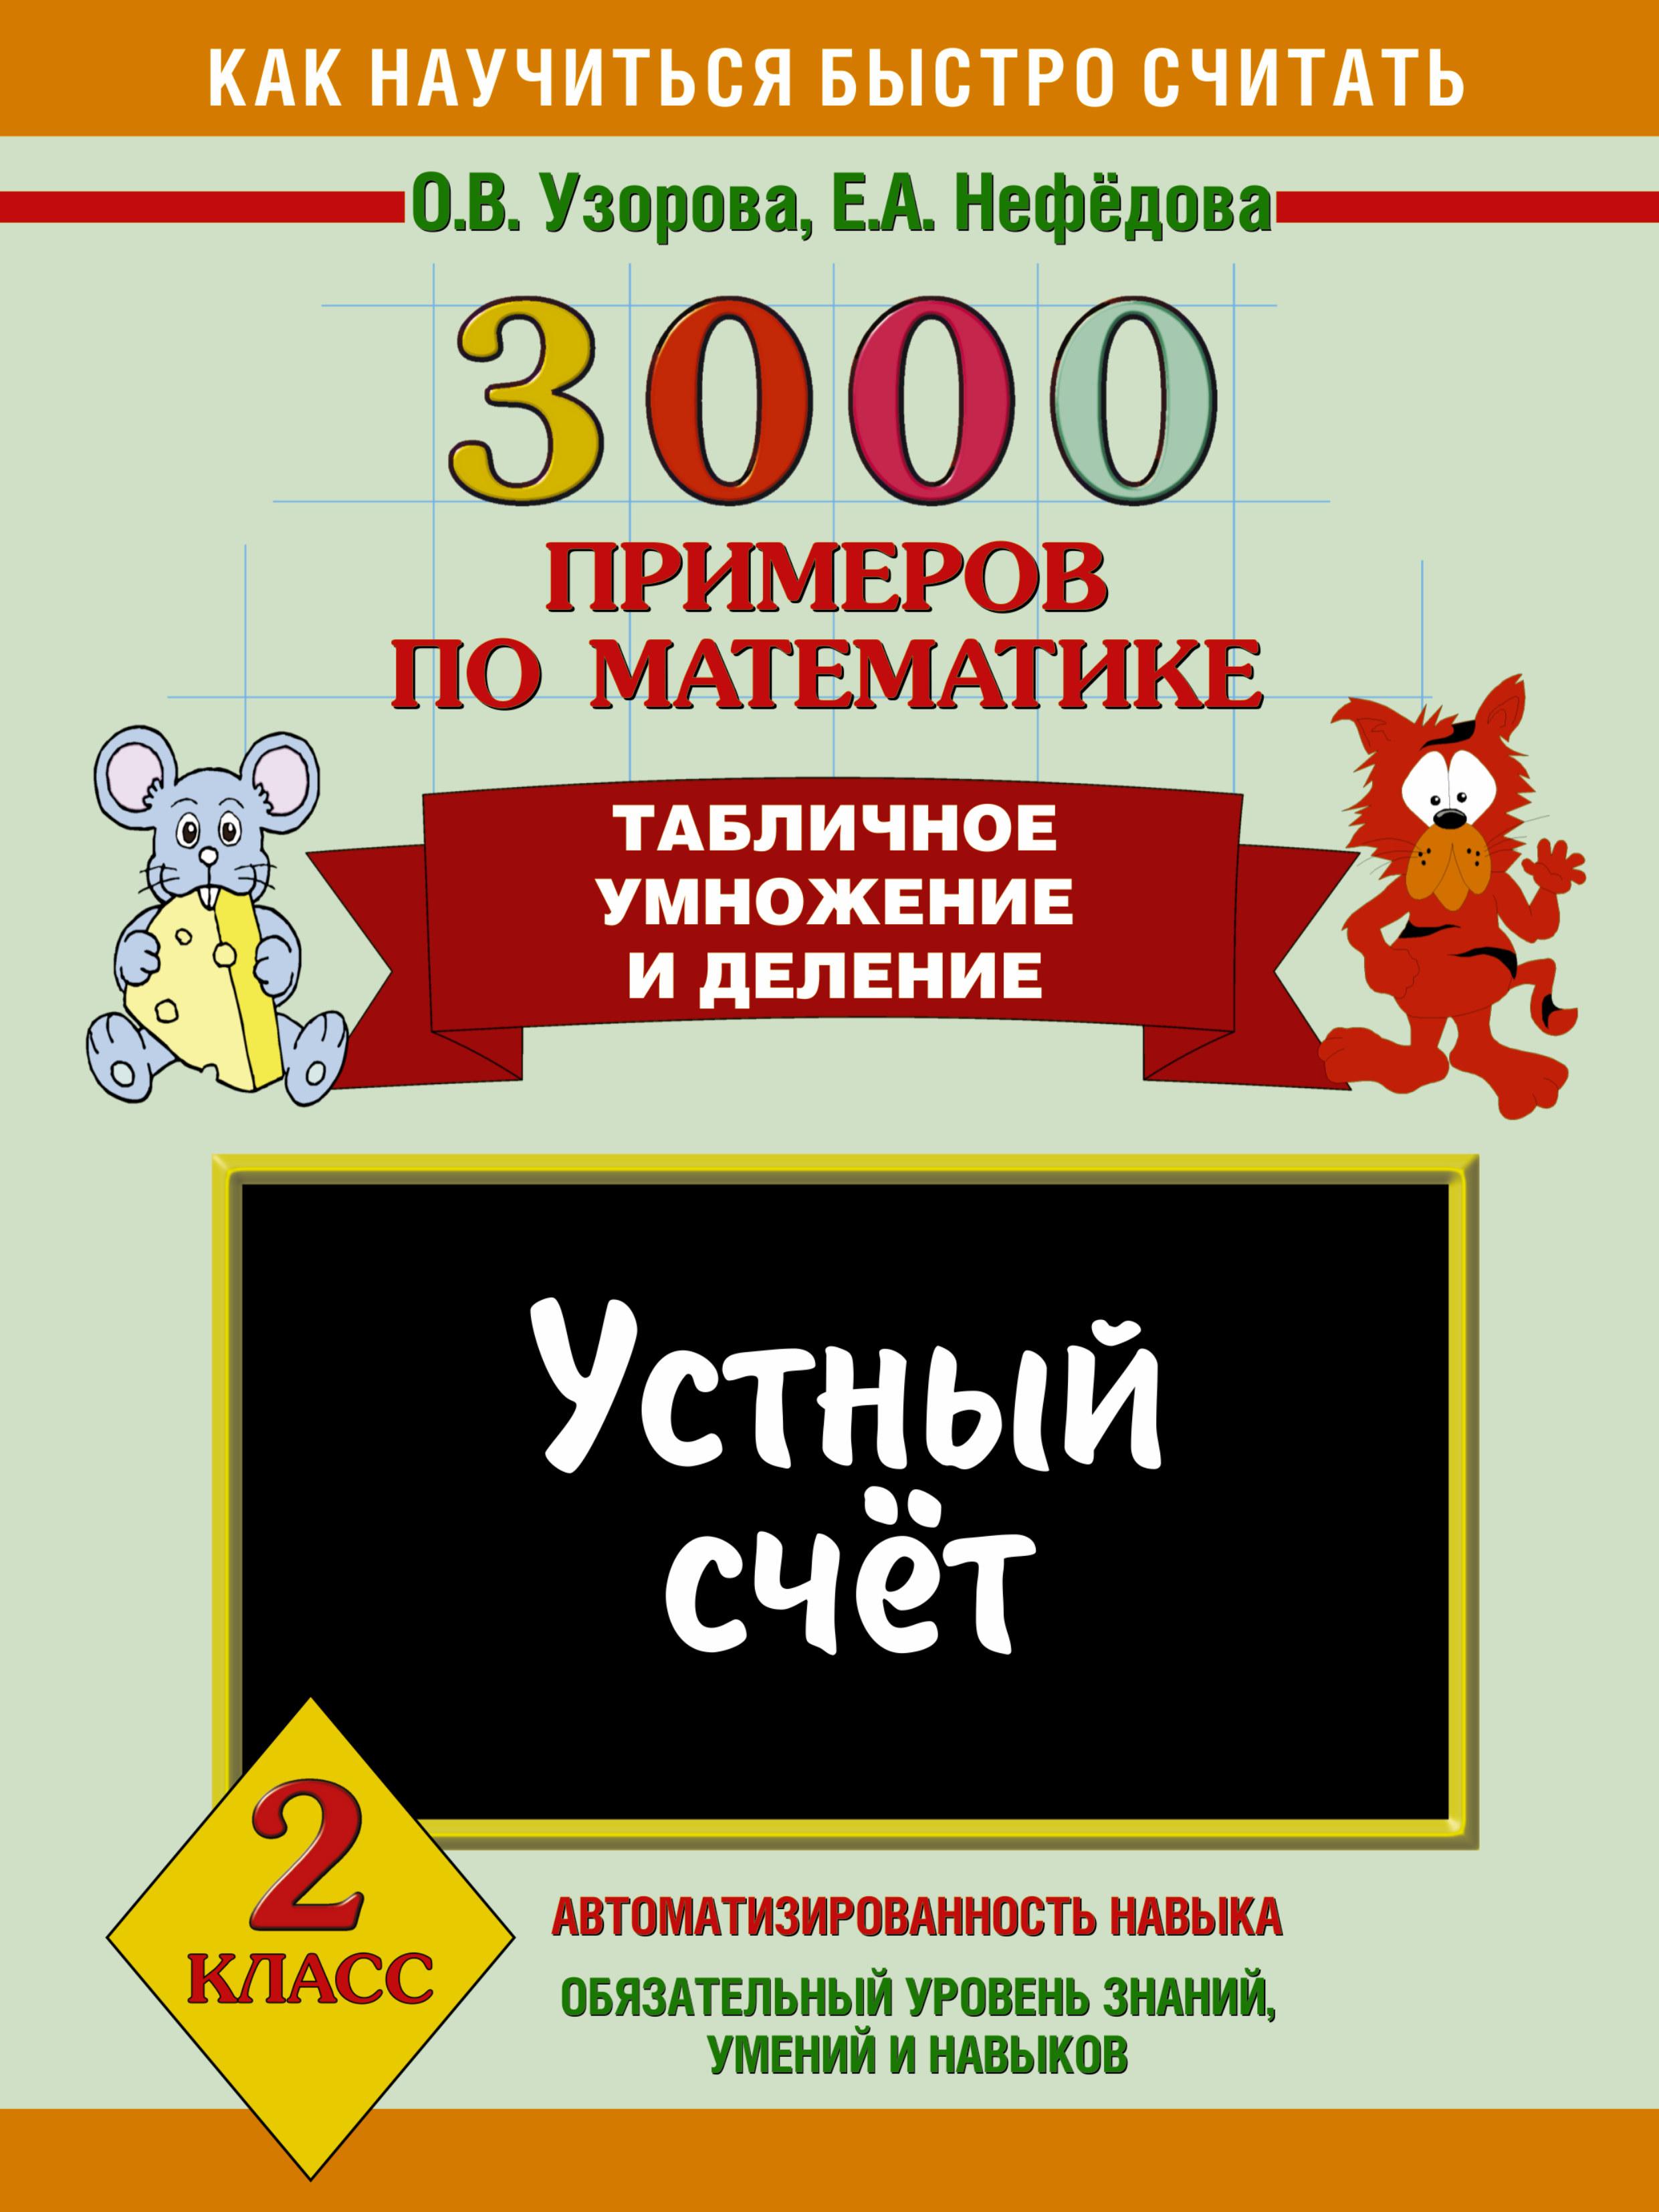 3000 примеров по математике. Устный счет. Табличное умножение и деление. 2 класс от book24.ru